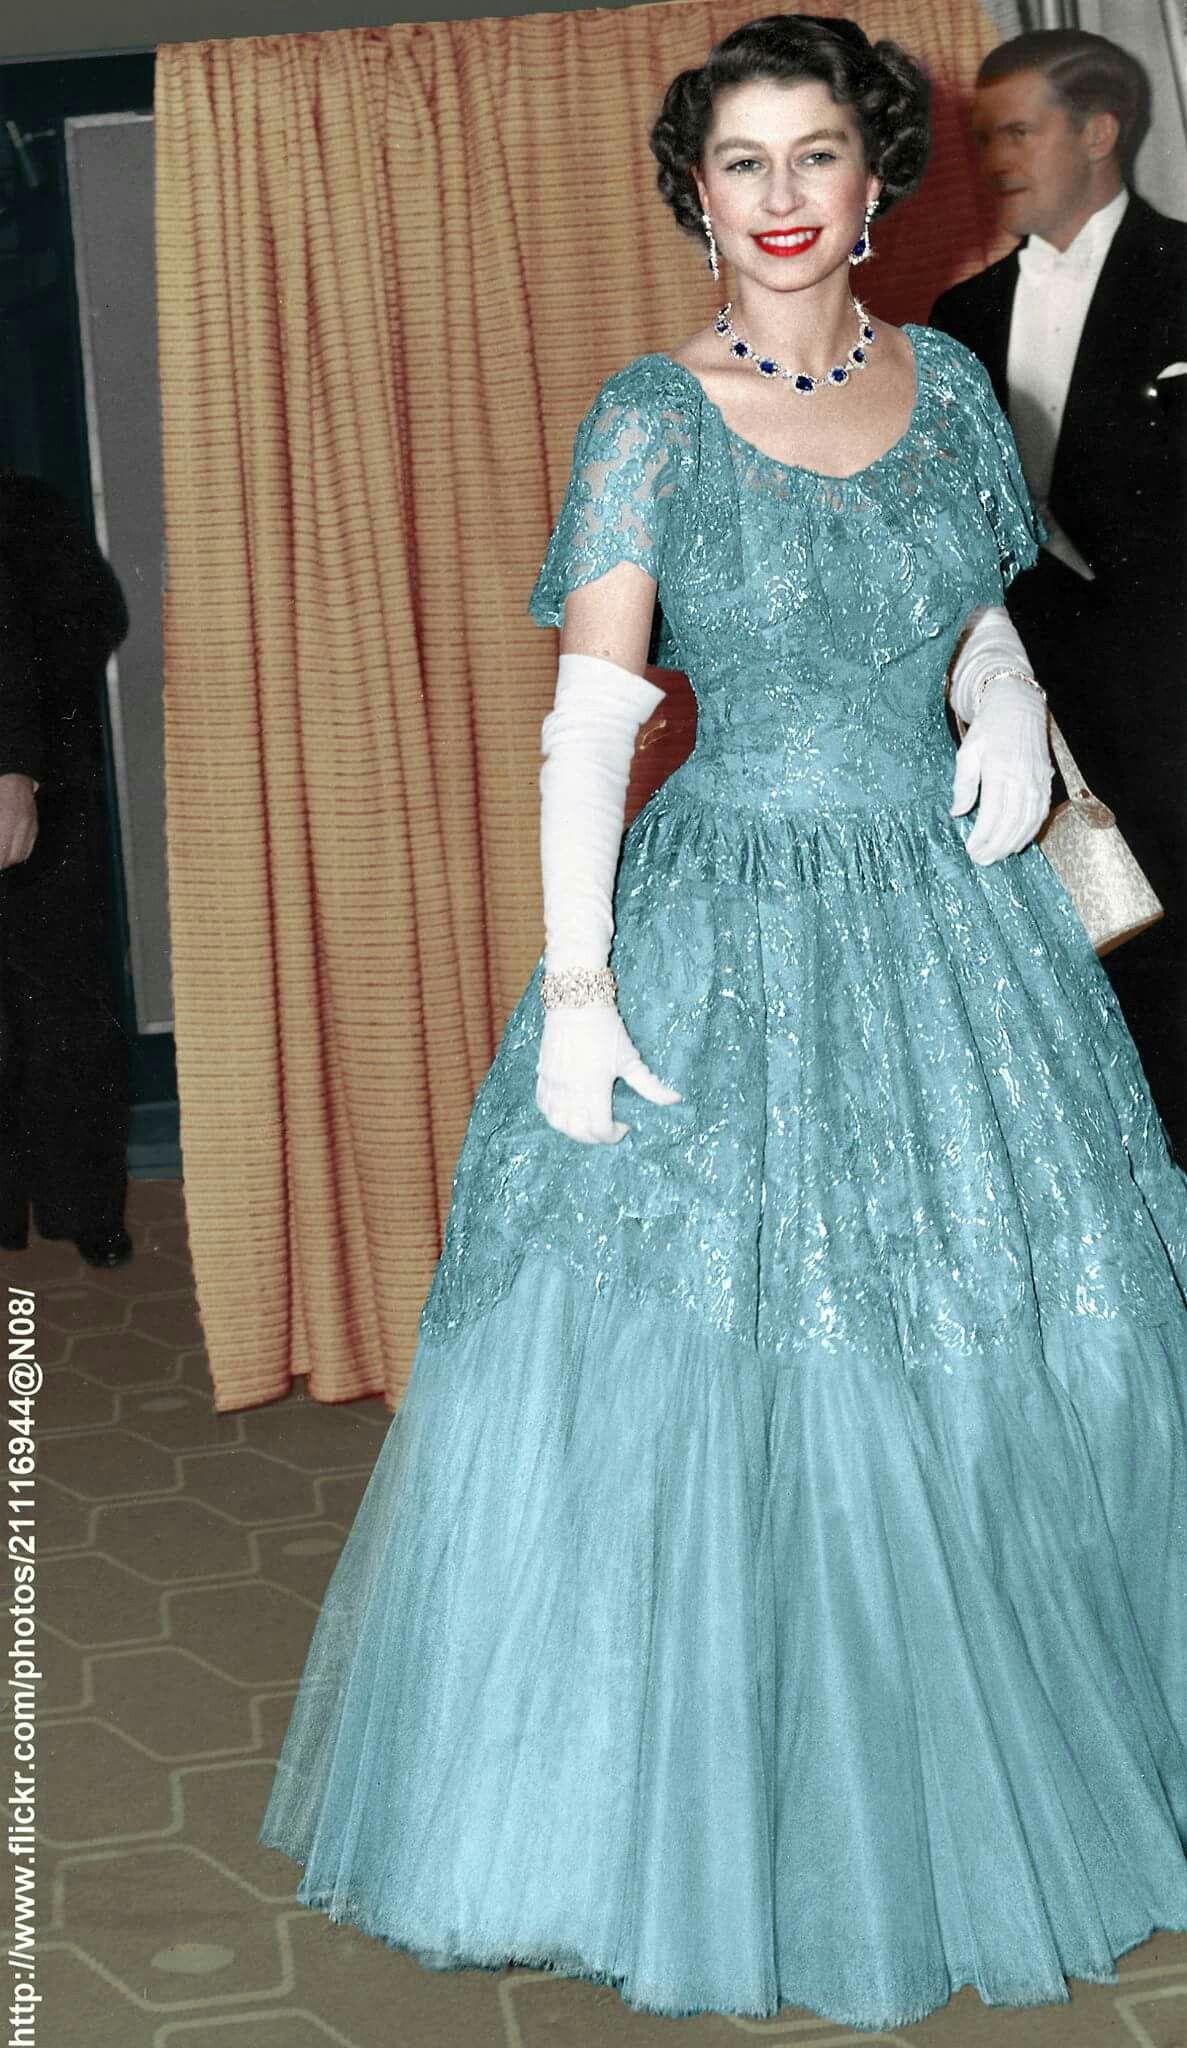 Young Queen Elizabeth 1 Dress Queen Elizabeth II …...